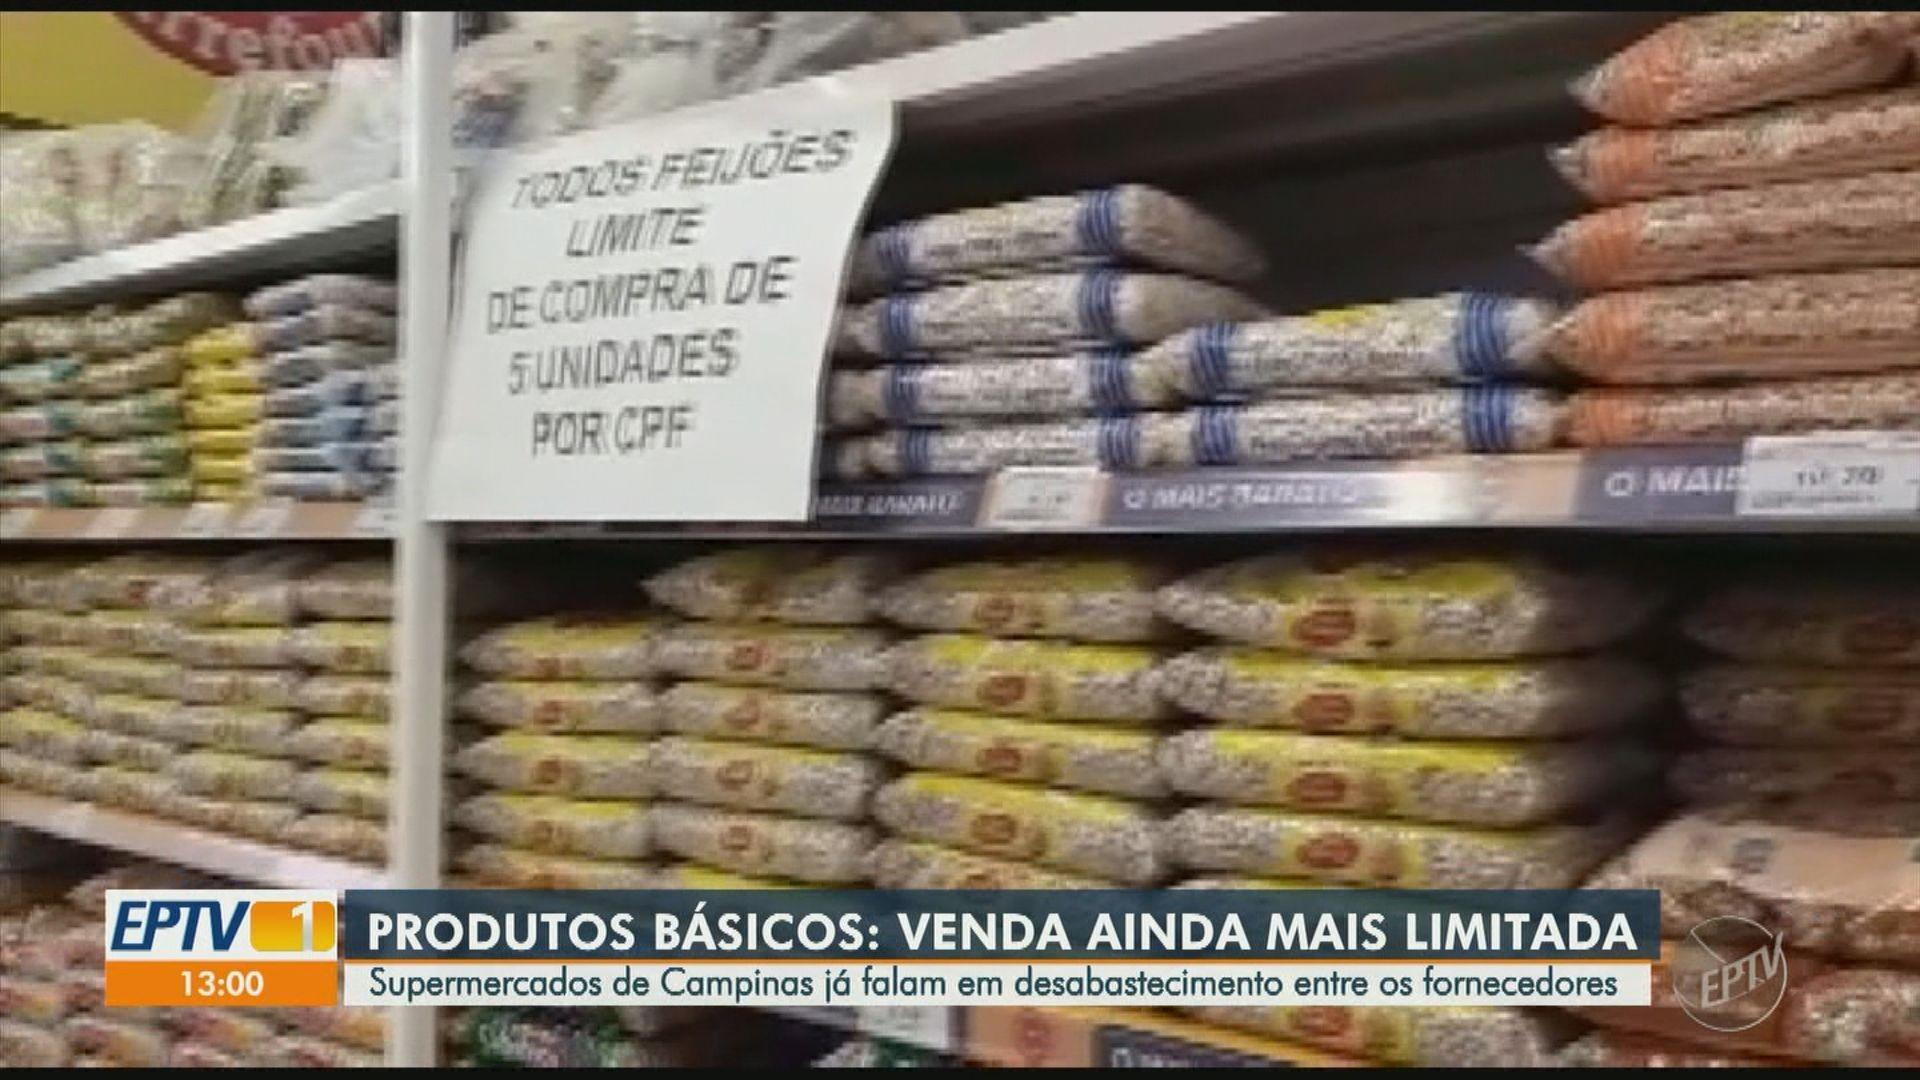 VÍDEOS: EPTV 1 região de Campinas desta quarta-feira, 23 de setembro